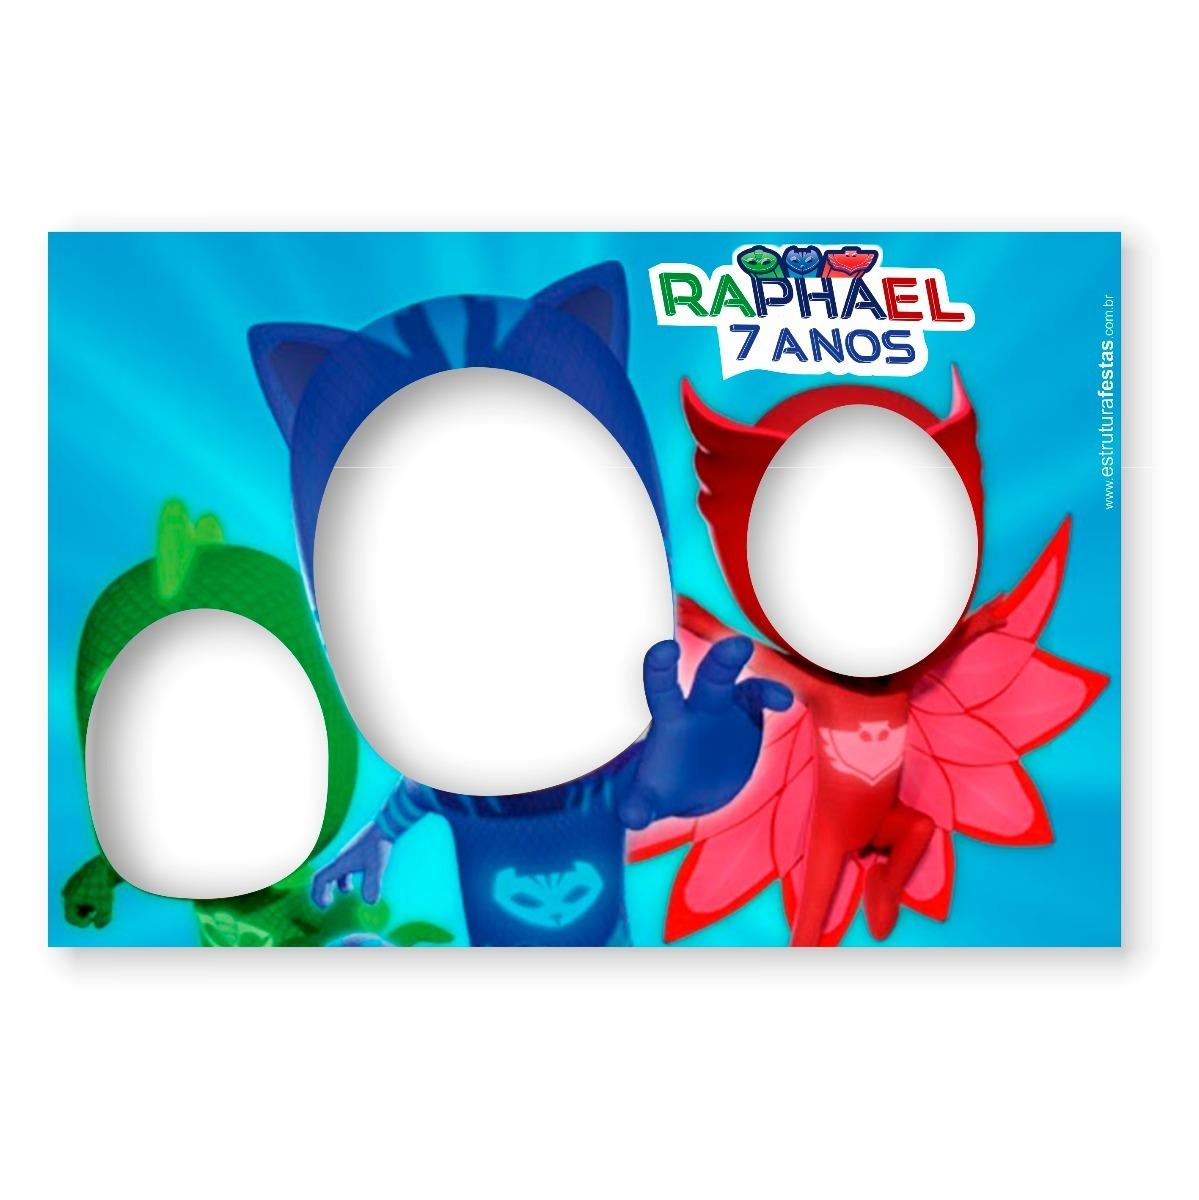 Placa Moldura Personagem Pj Masks Tamanho M R 95 17 Em Mercado